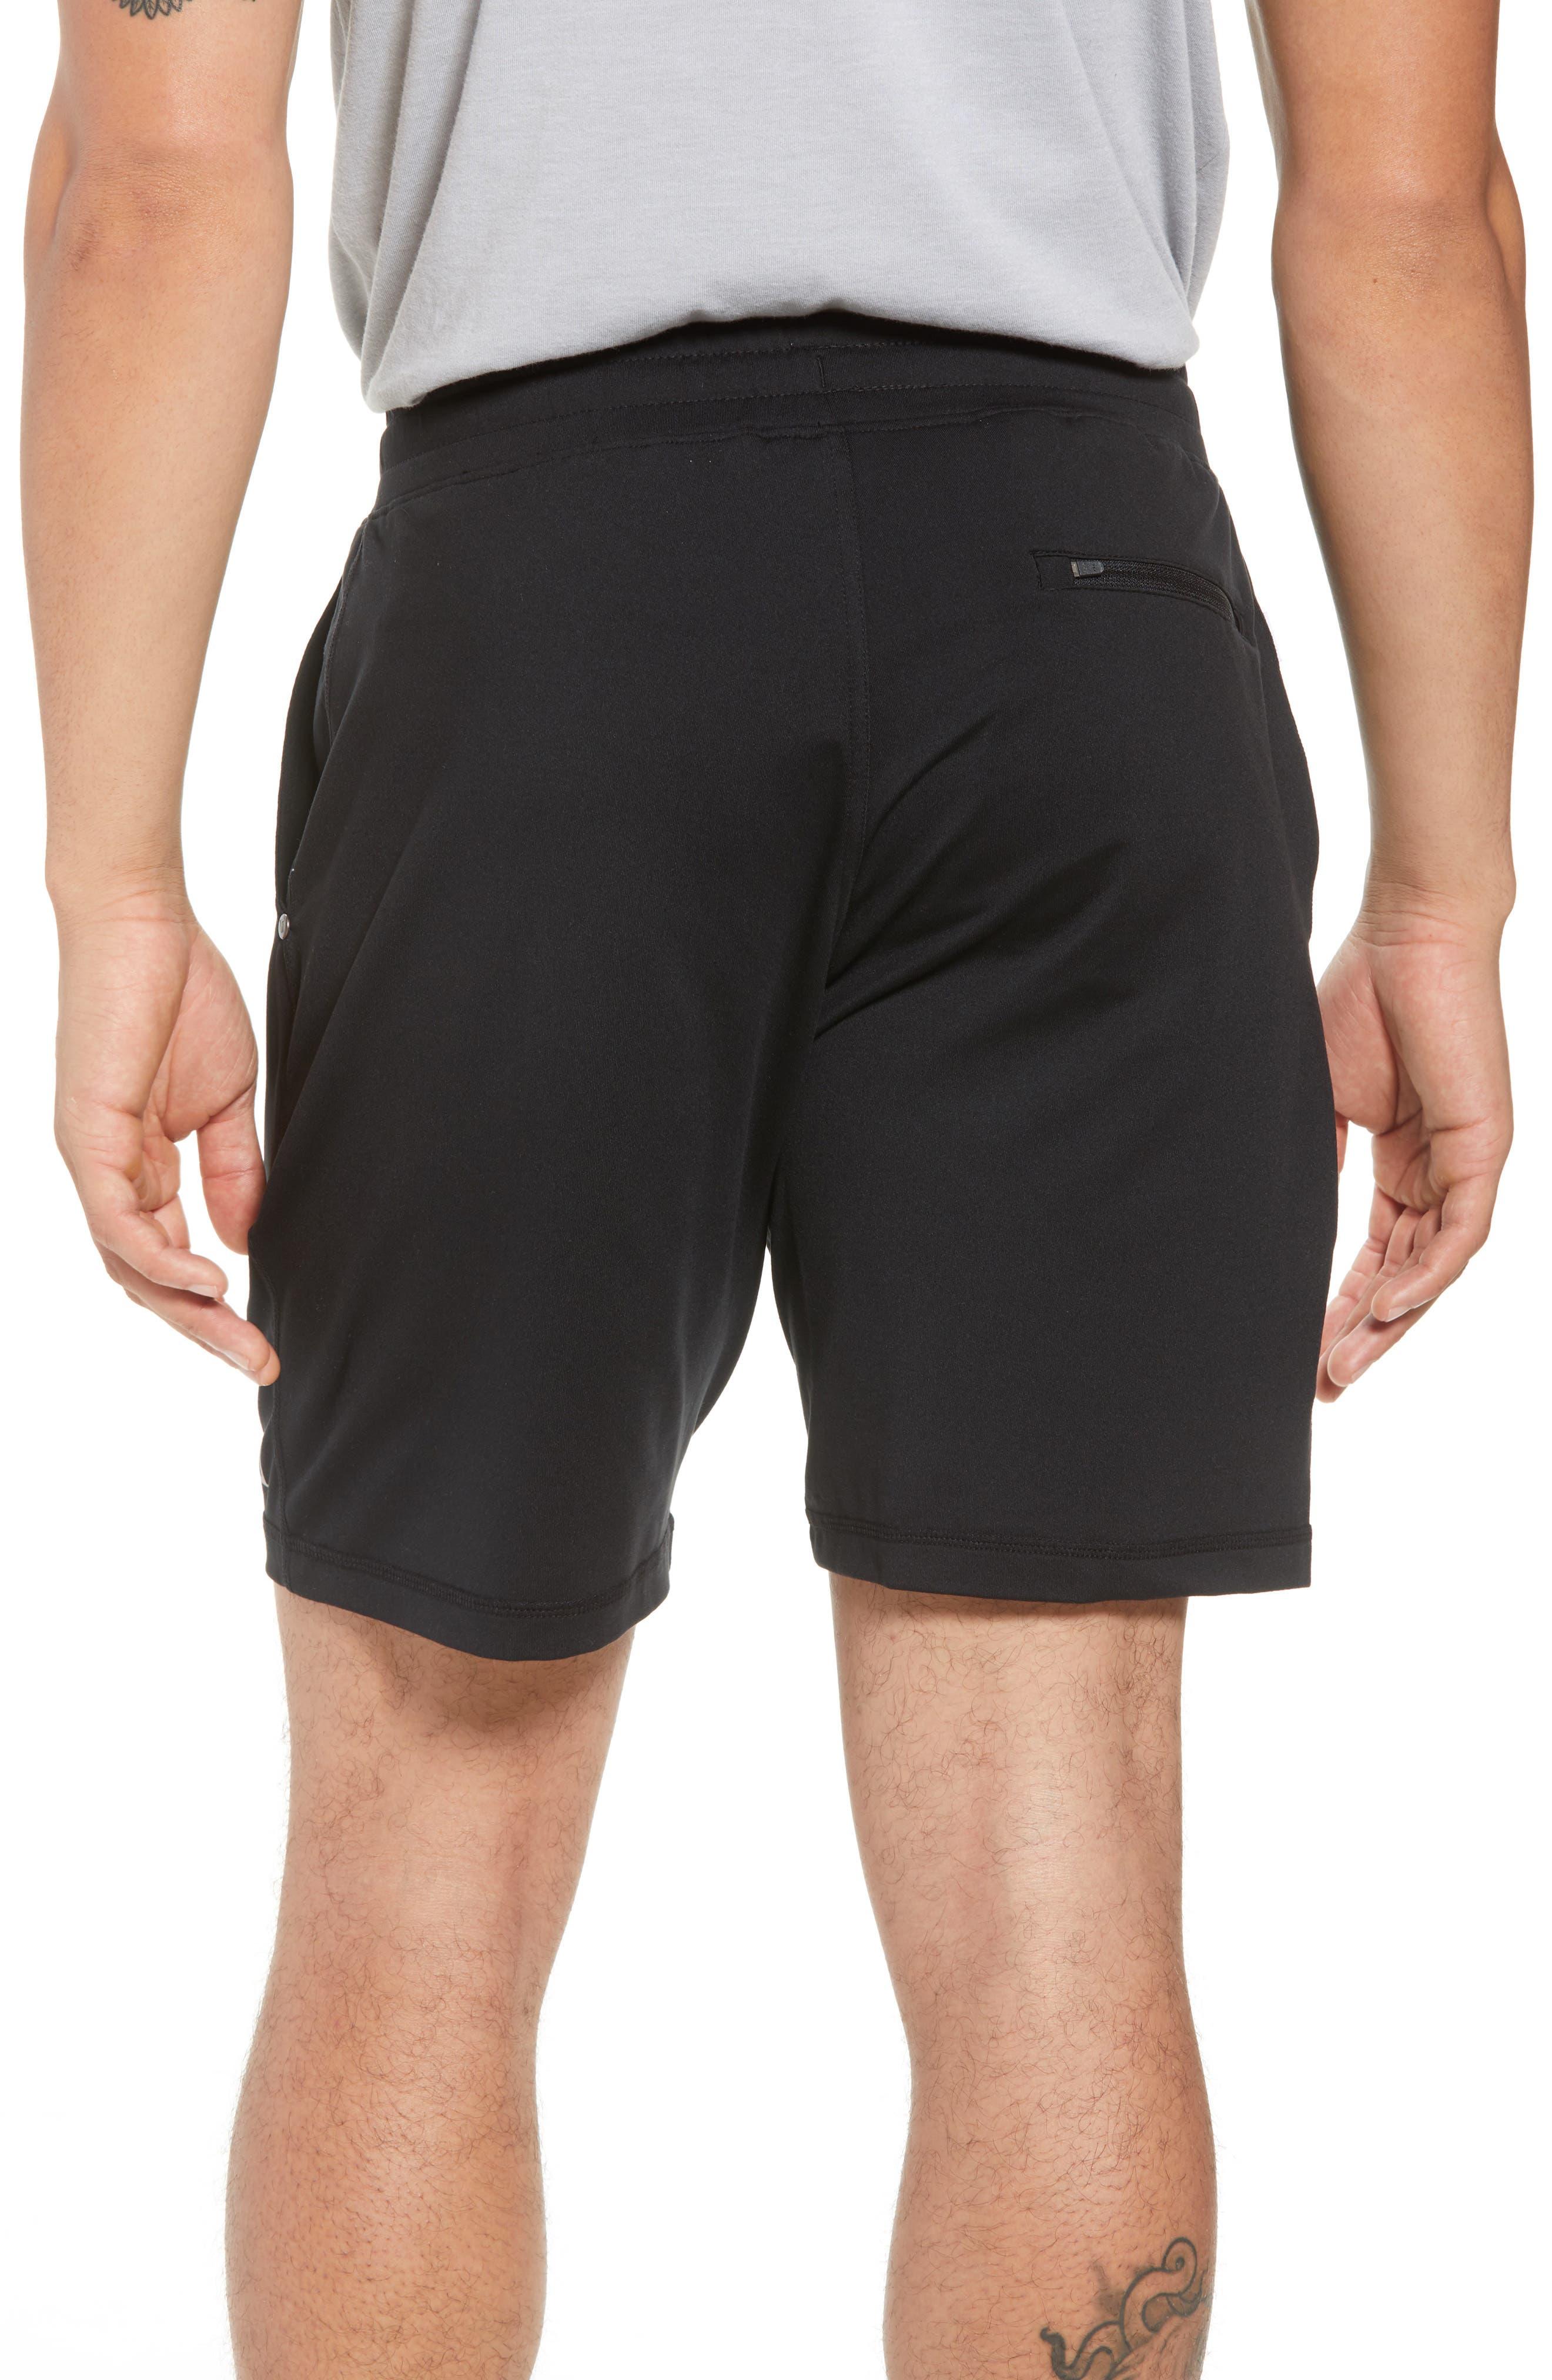 Ponto Shorts,                             Alternate thumbnail 2, color,                             Black